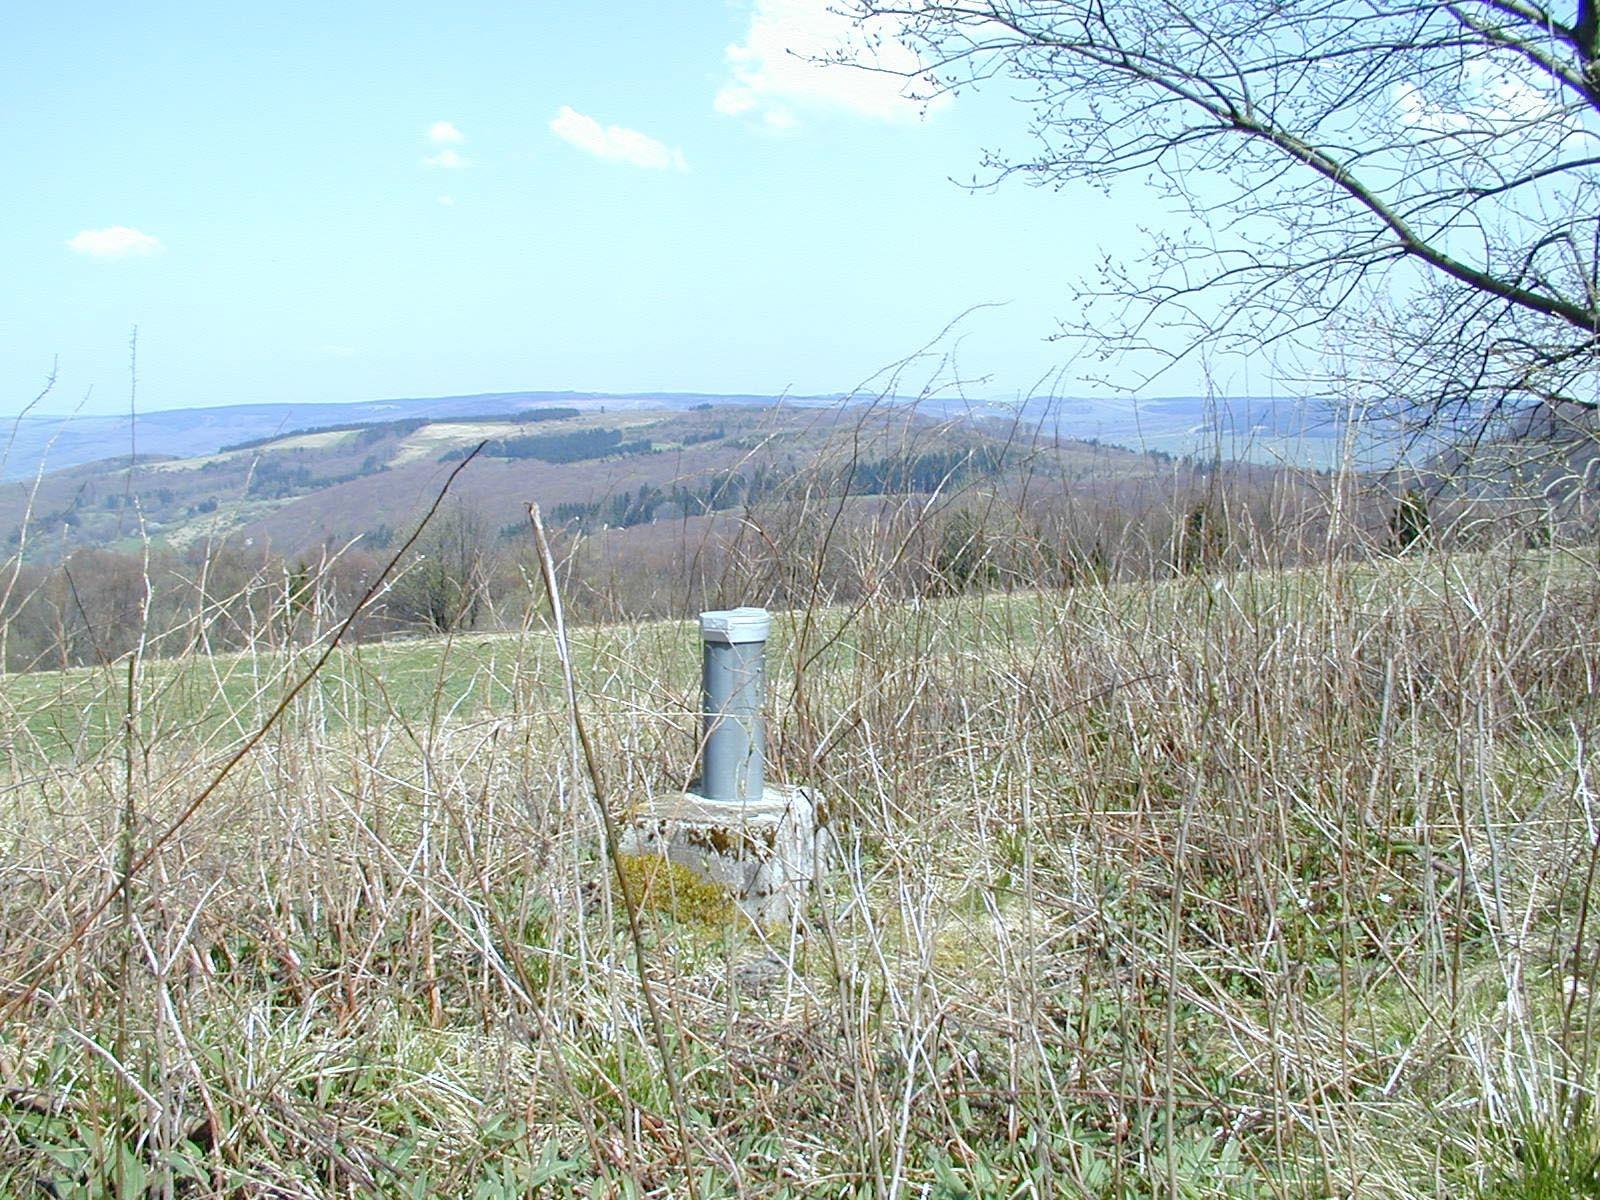 Grundwassermessstelle vor Landschaft.